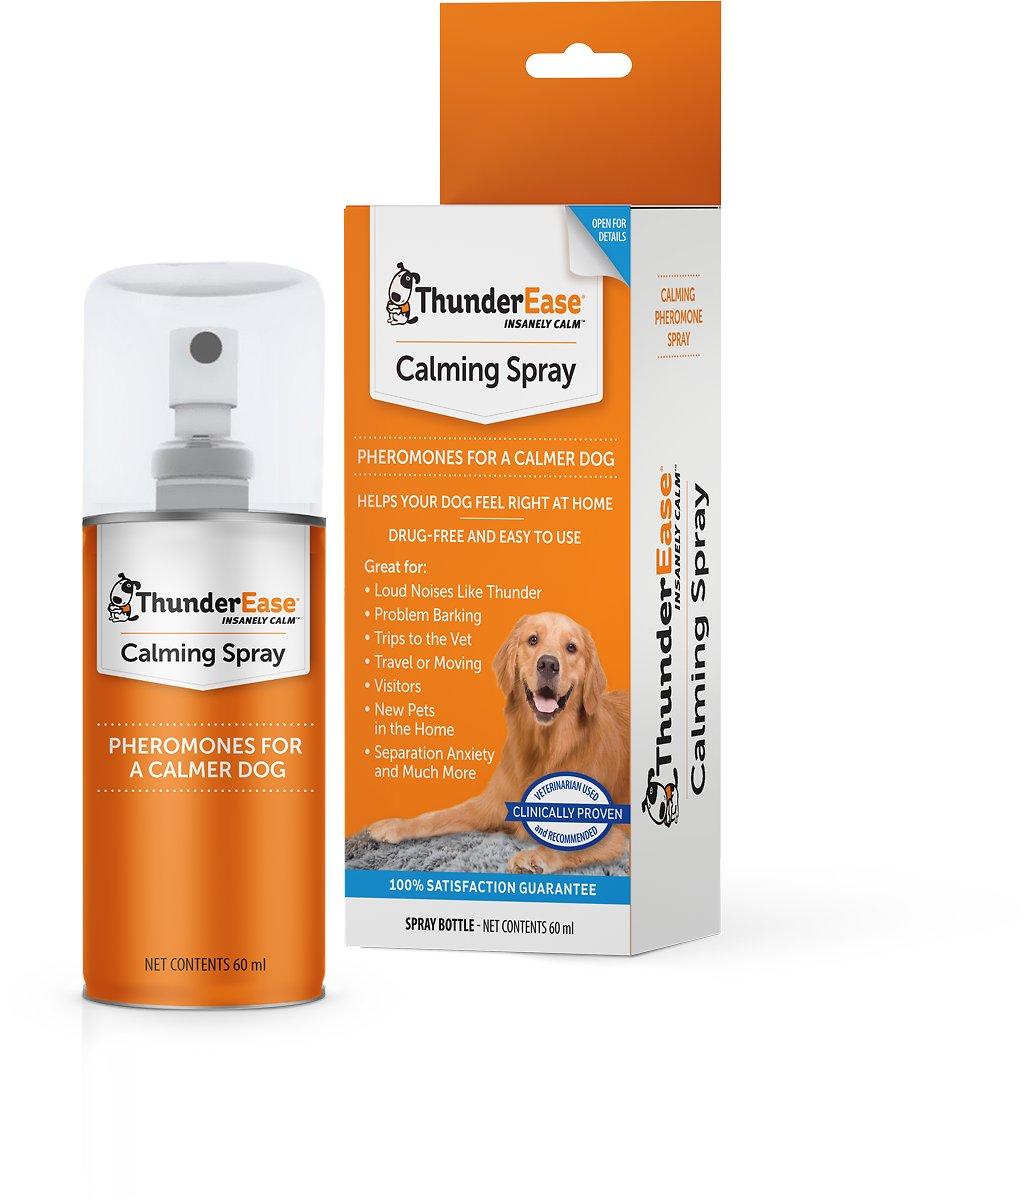 ThunderSpray Calming Spray for Dogs, 2-oz bottle Image